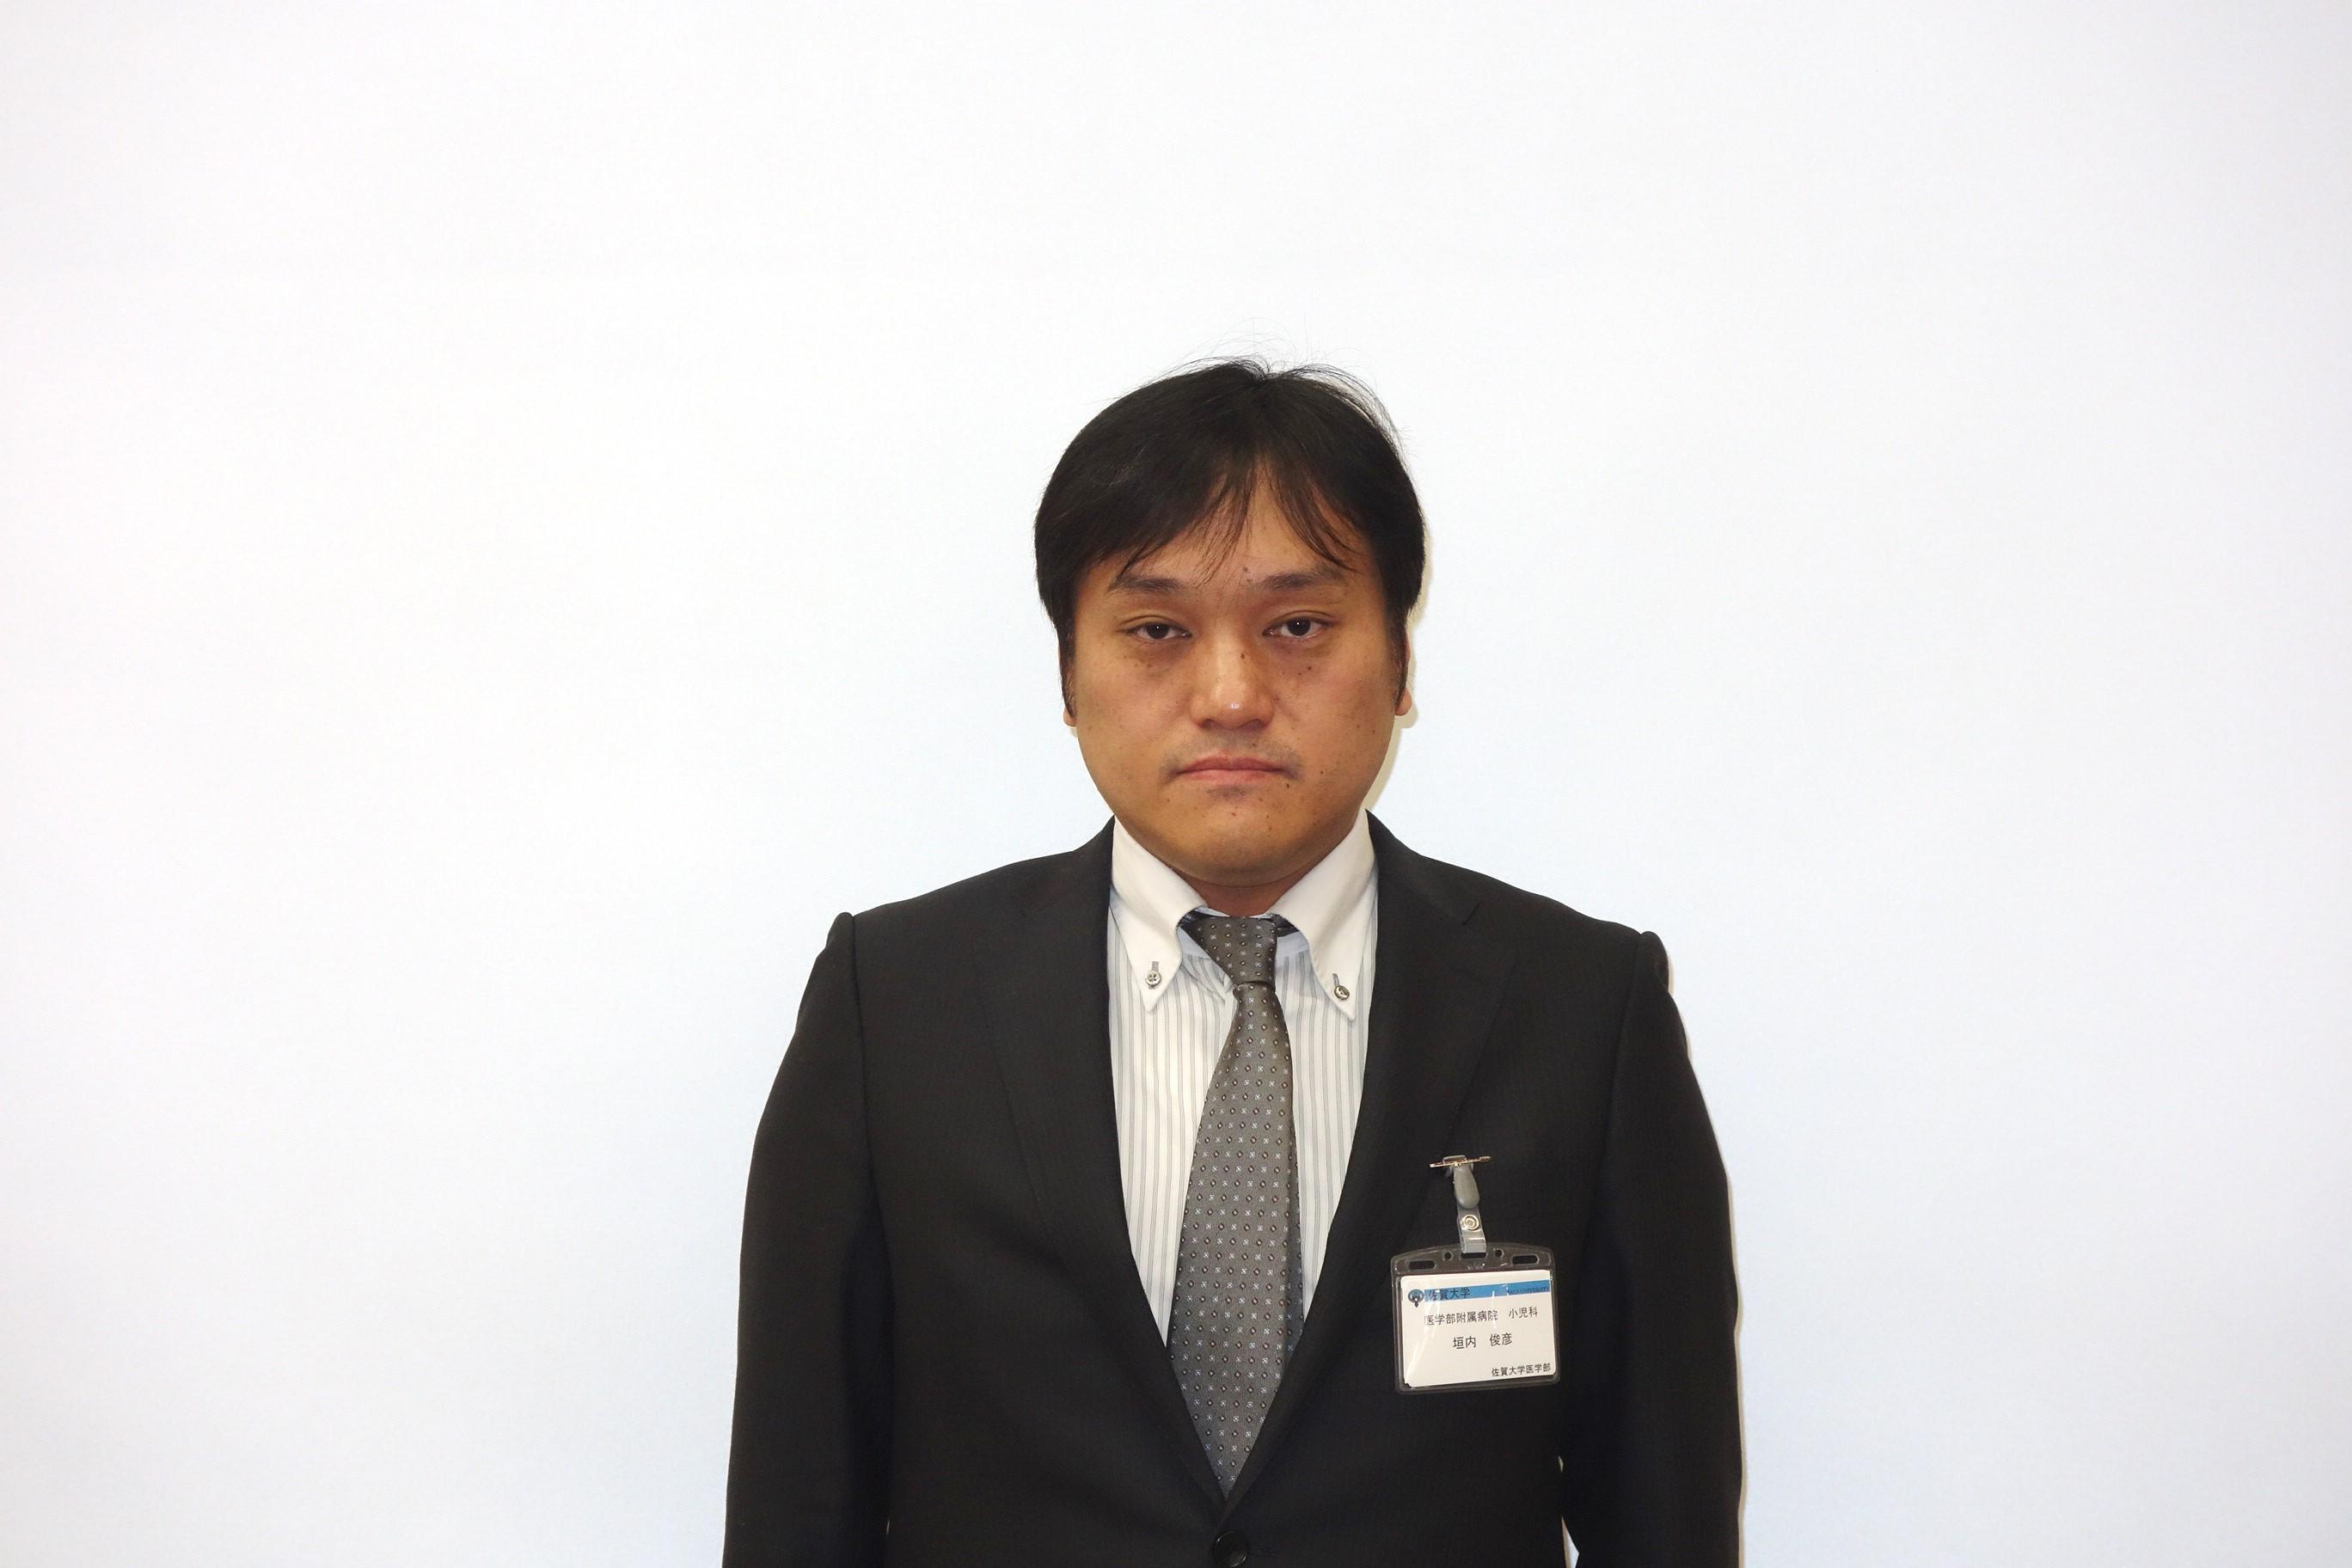 垣内 俊彦/カキウチ トシヒコ